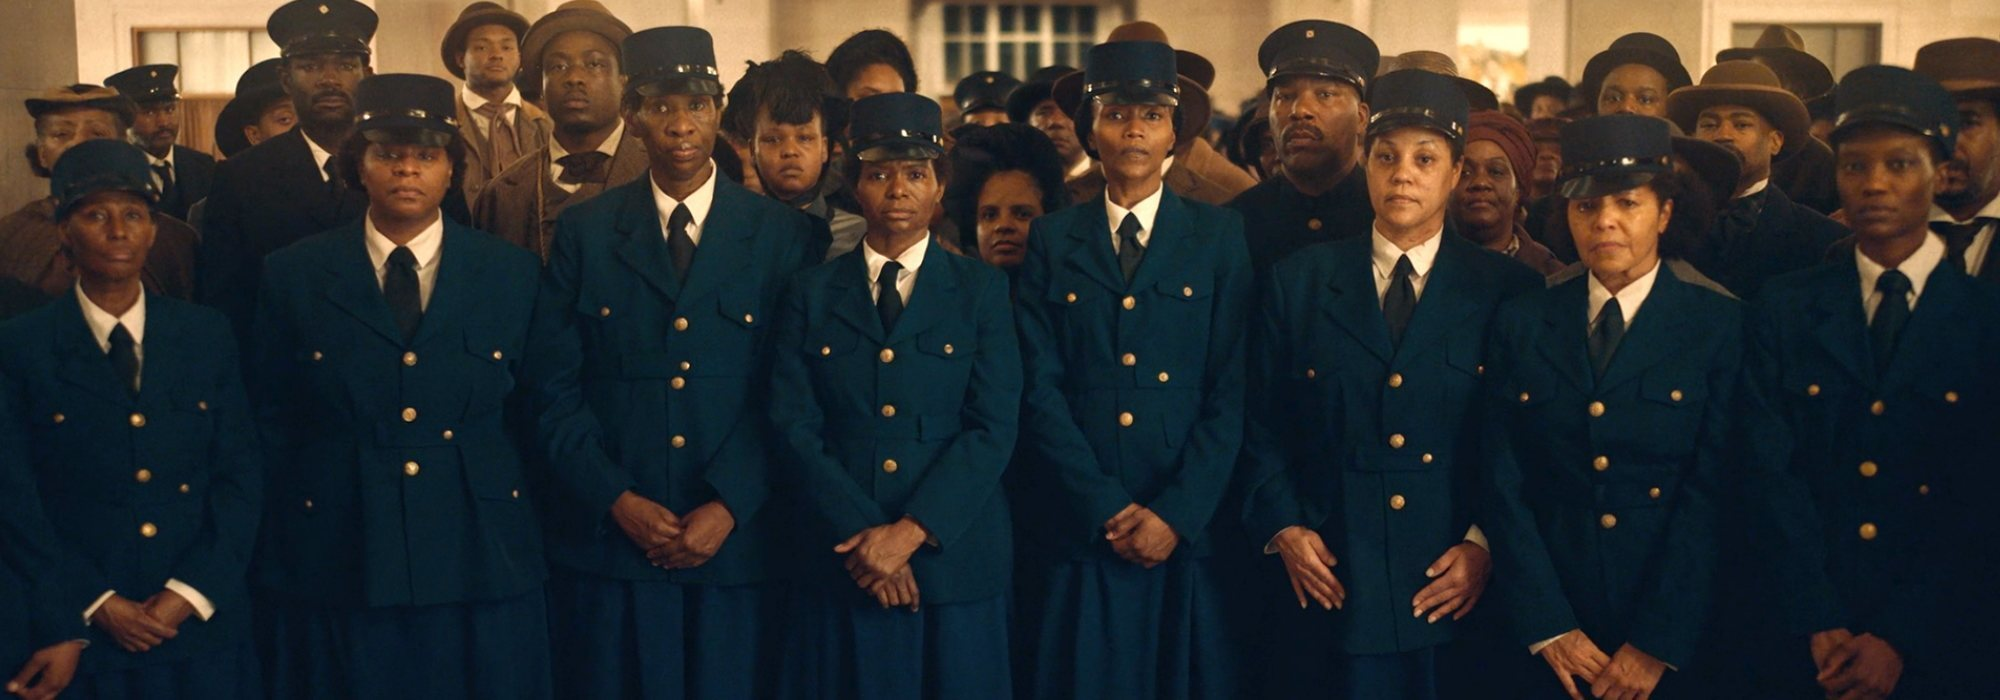 The Underground Railroad